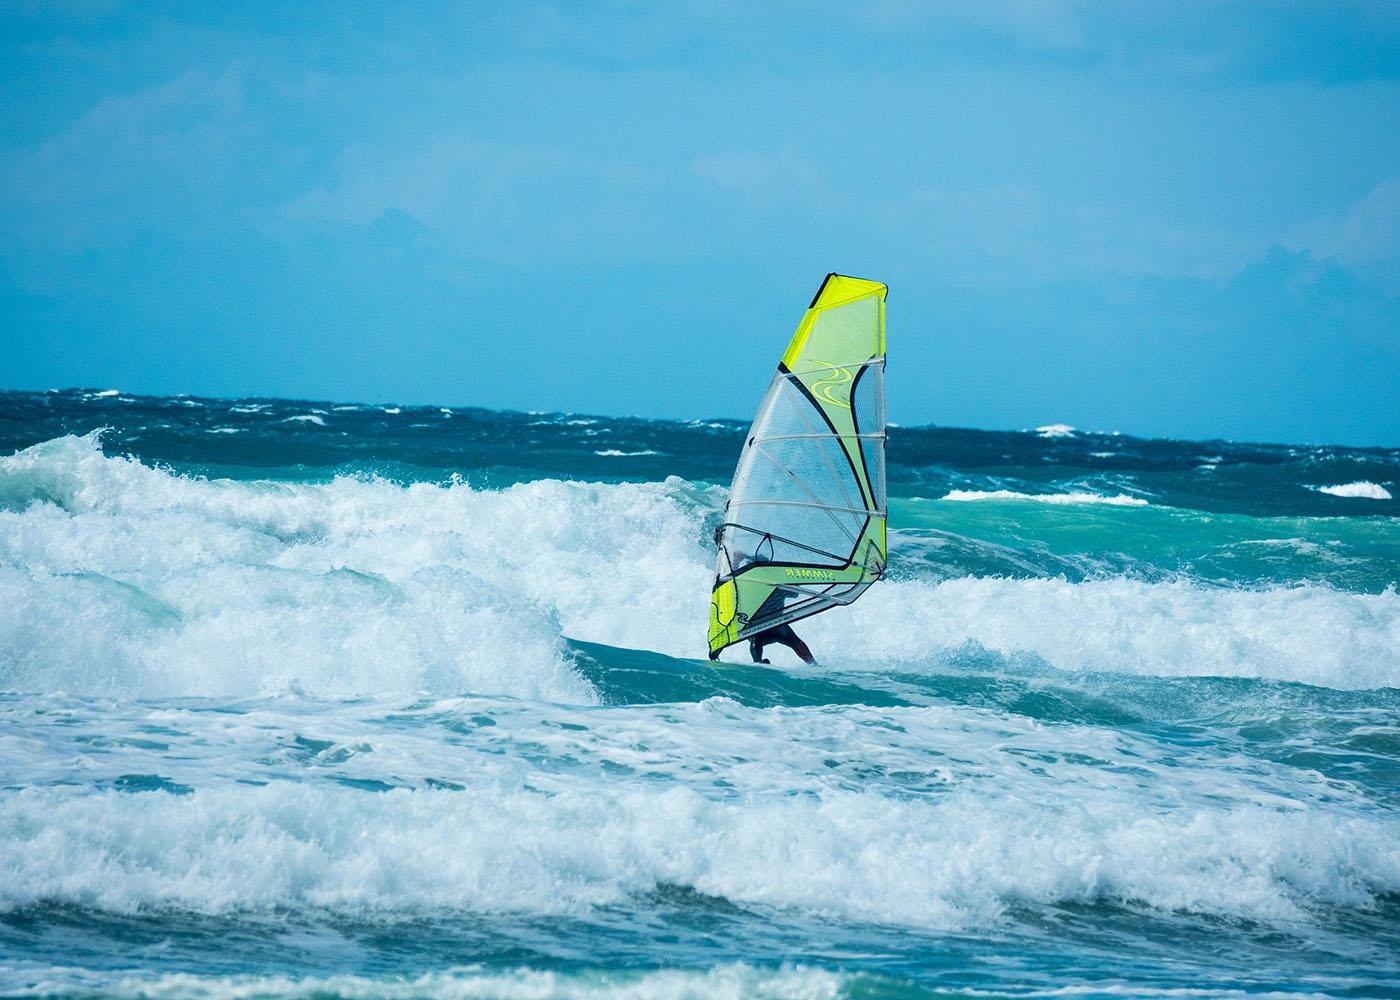 Namibie, Skeleton Coast, un véliplanchiste surfe sur une vague